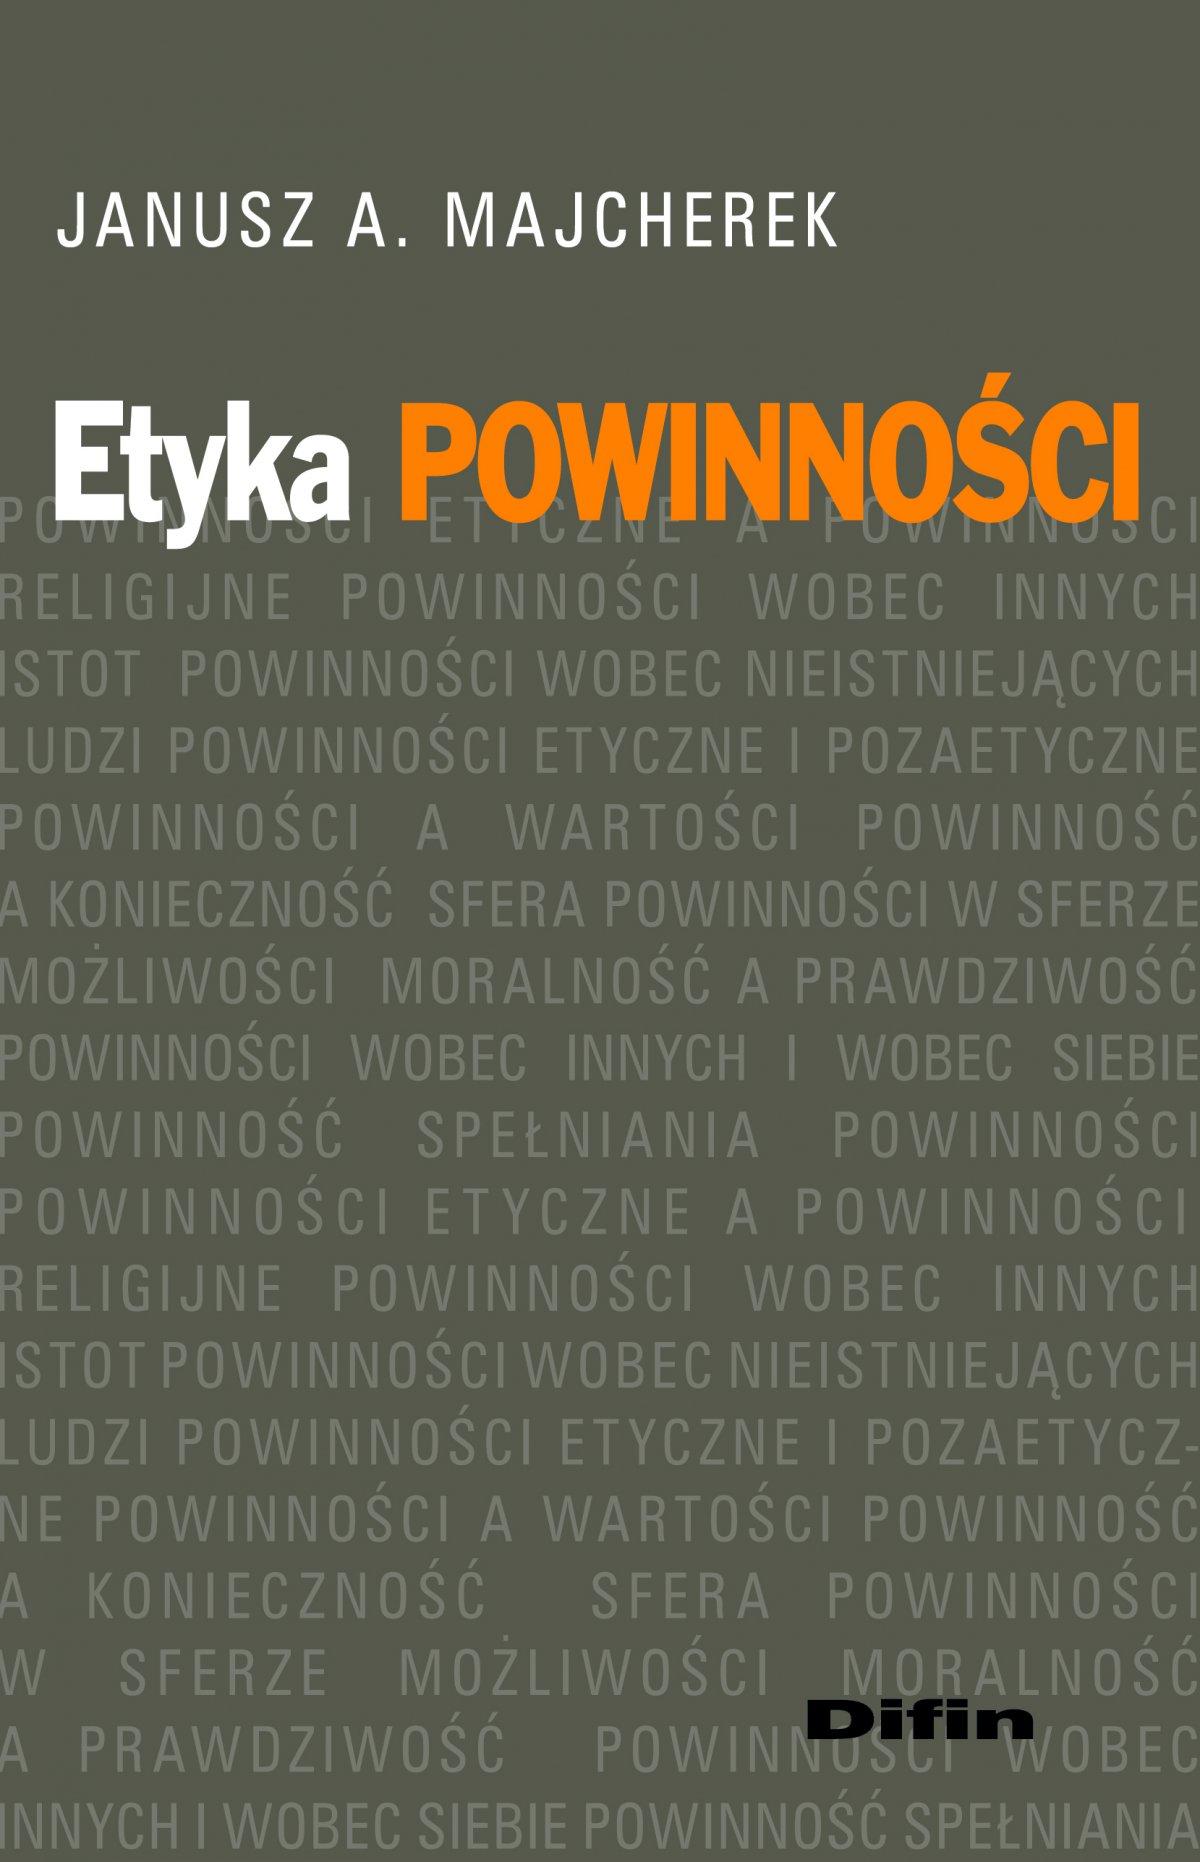 Etyka powinności - Ebook (Książka PDF) do pobrania w formacie PDF